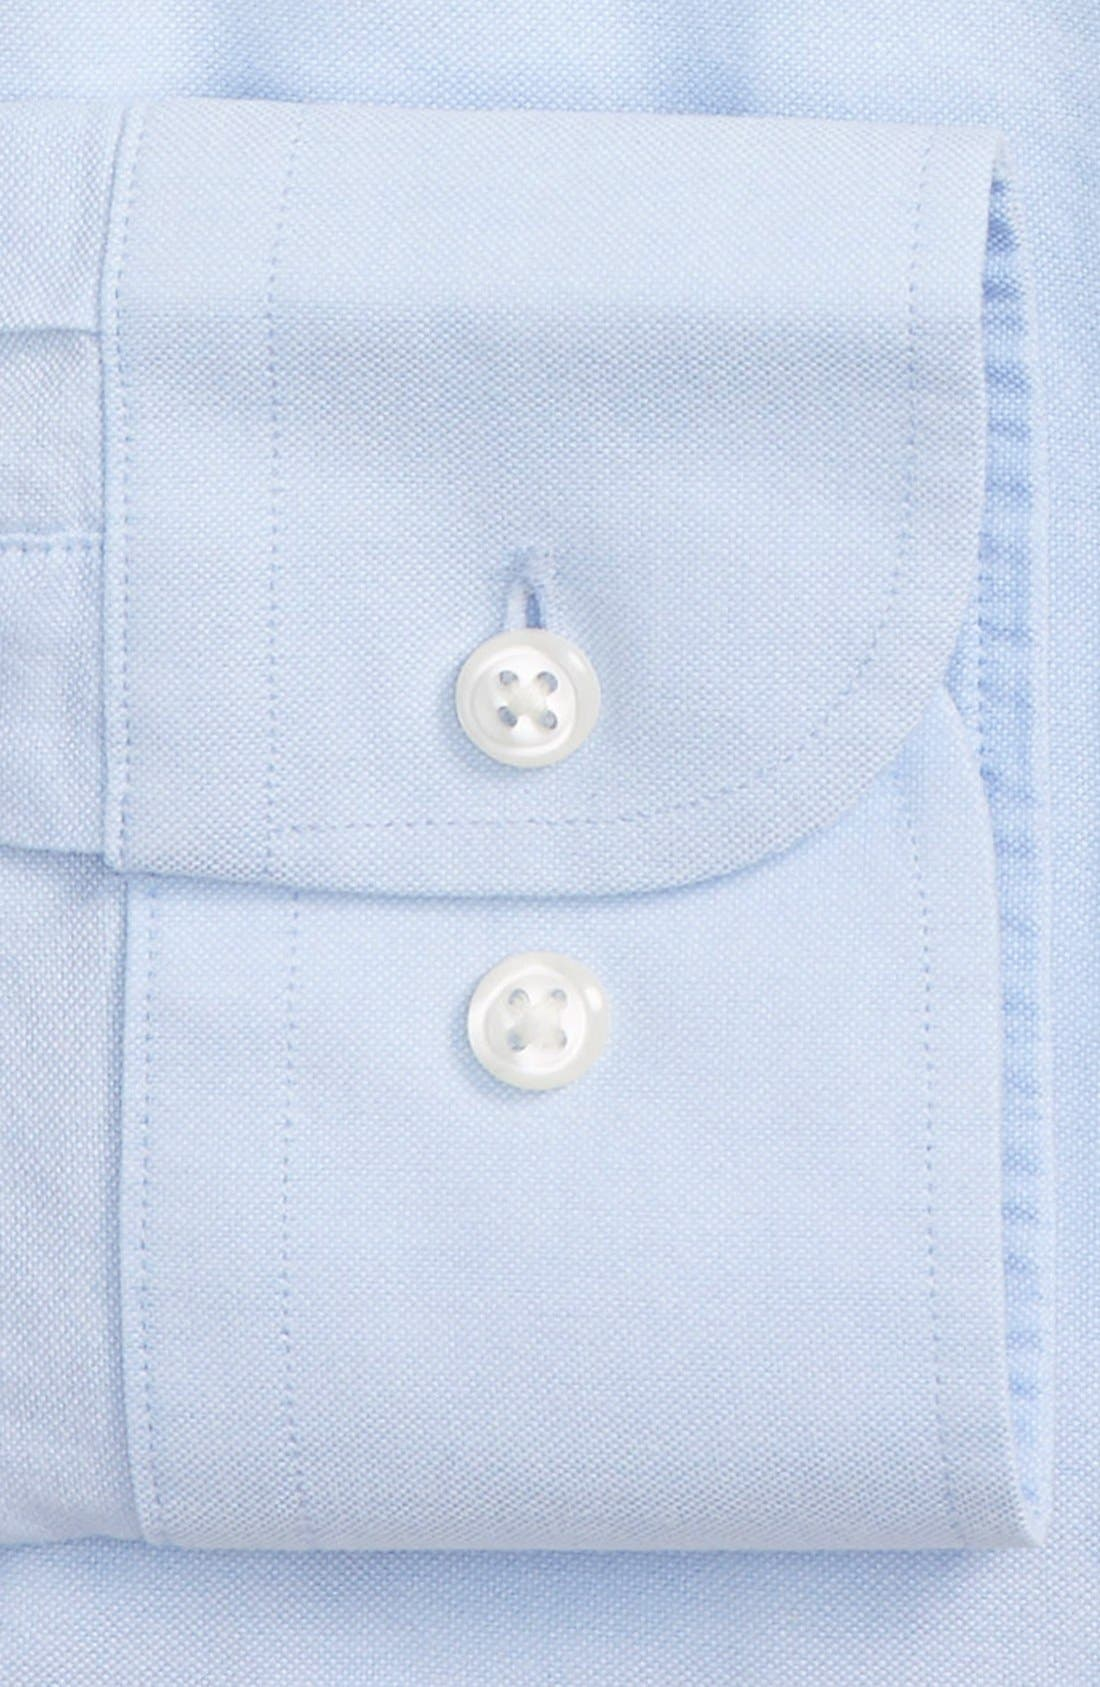 Trim Fit Solid Oxford Dress Shirt,                             Alternate thumbnail 4, color,                             Blue Grapemist